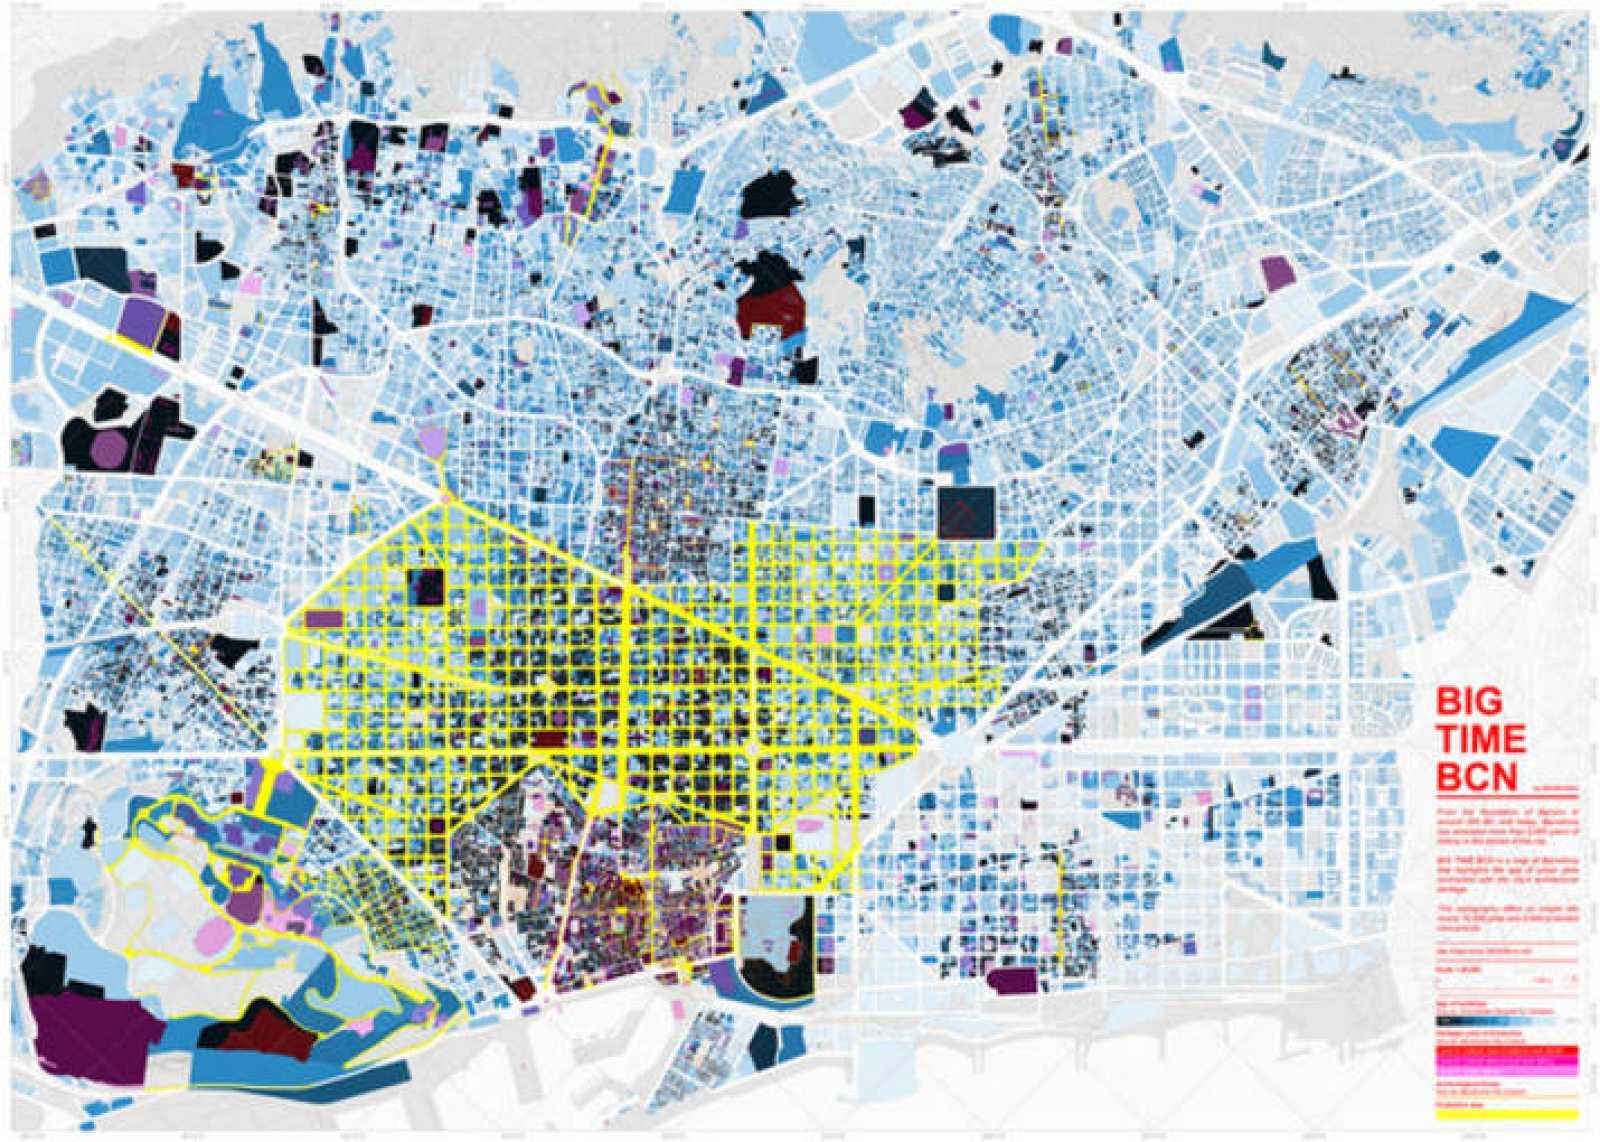 Mapa detallado de la ciudad de Barcelona.